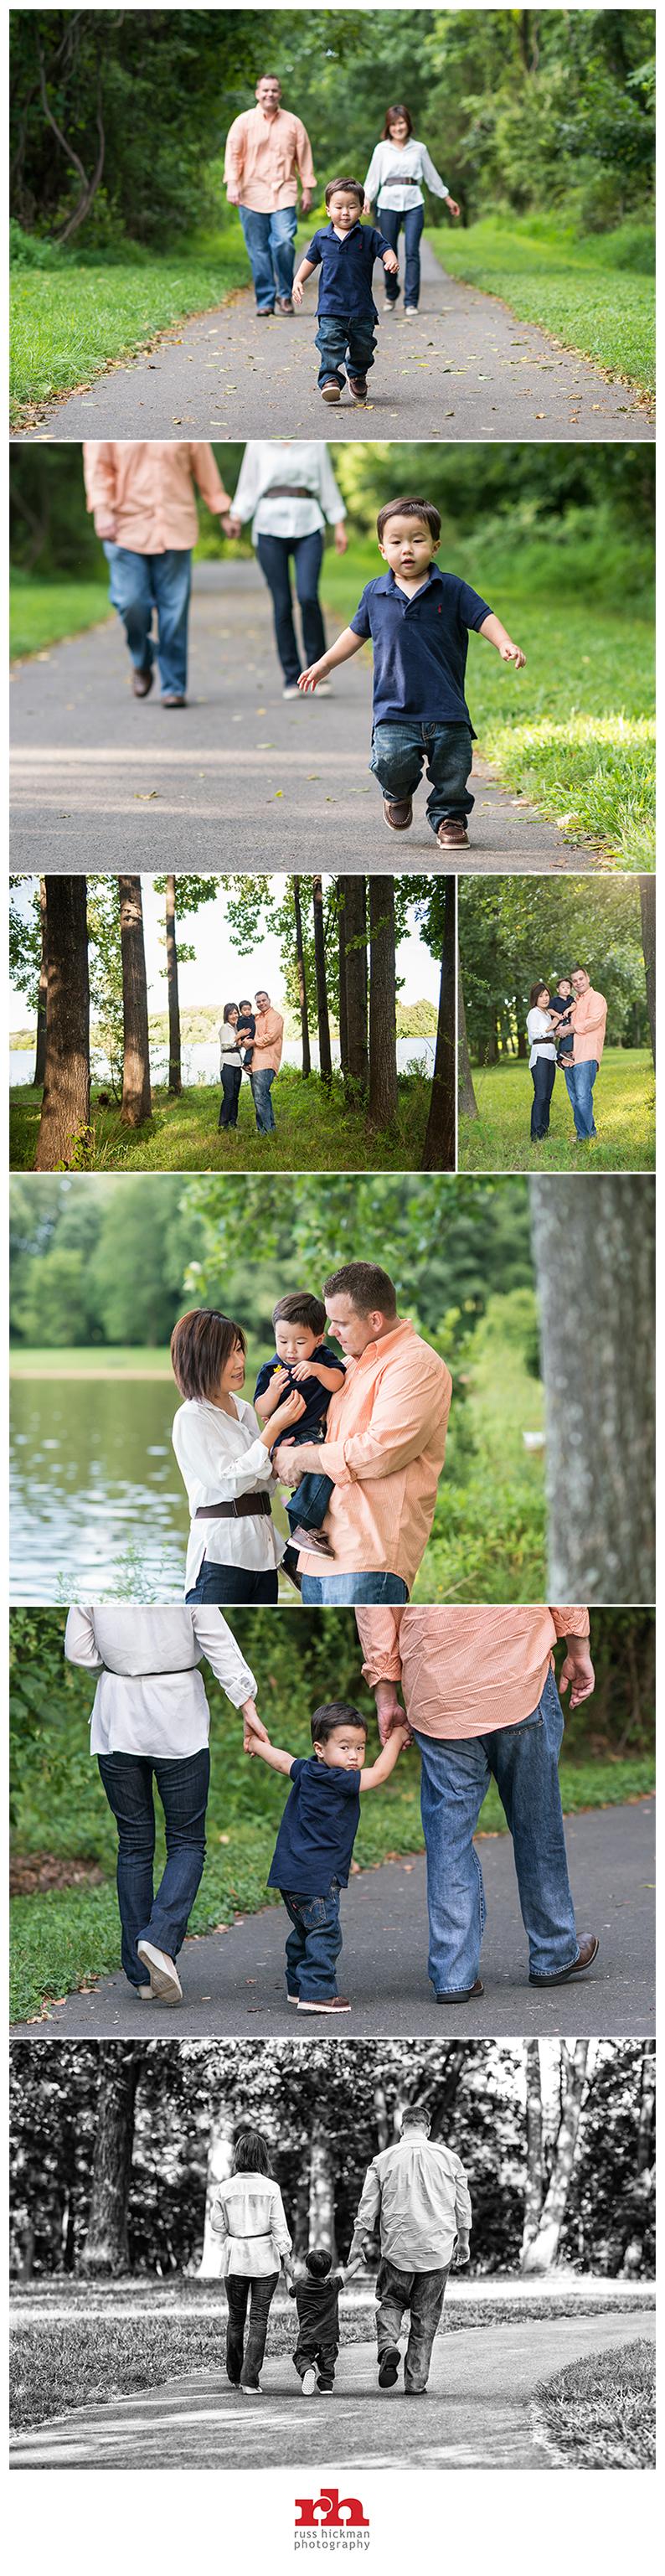 Philadelphia Family Photographer WFSFB003